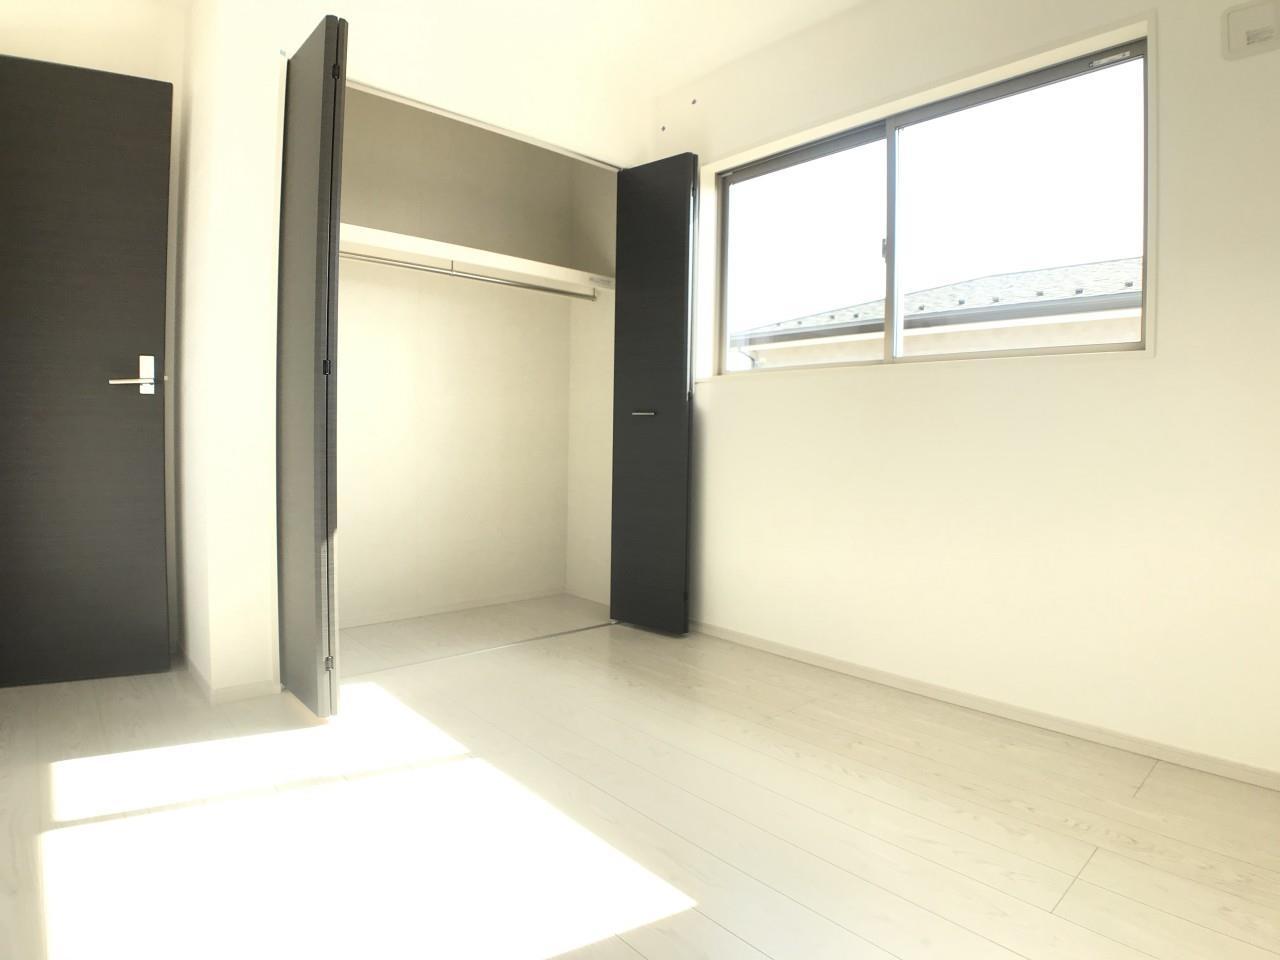 1号棟|5.2帖の洋室。窓が複数あり、風通しの良い清潔感のあるお部屋です。白い壁で間接的に部屋を明るくする工夫をしています。